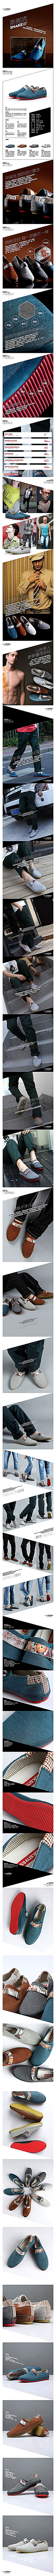 斯那克时尚休闲帆布鞋细节详情页PSD素材